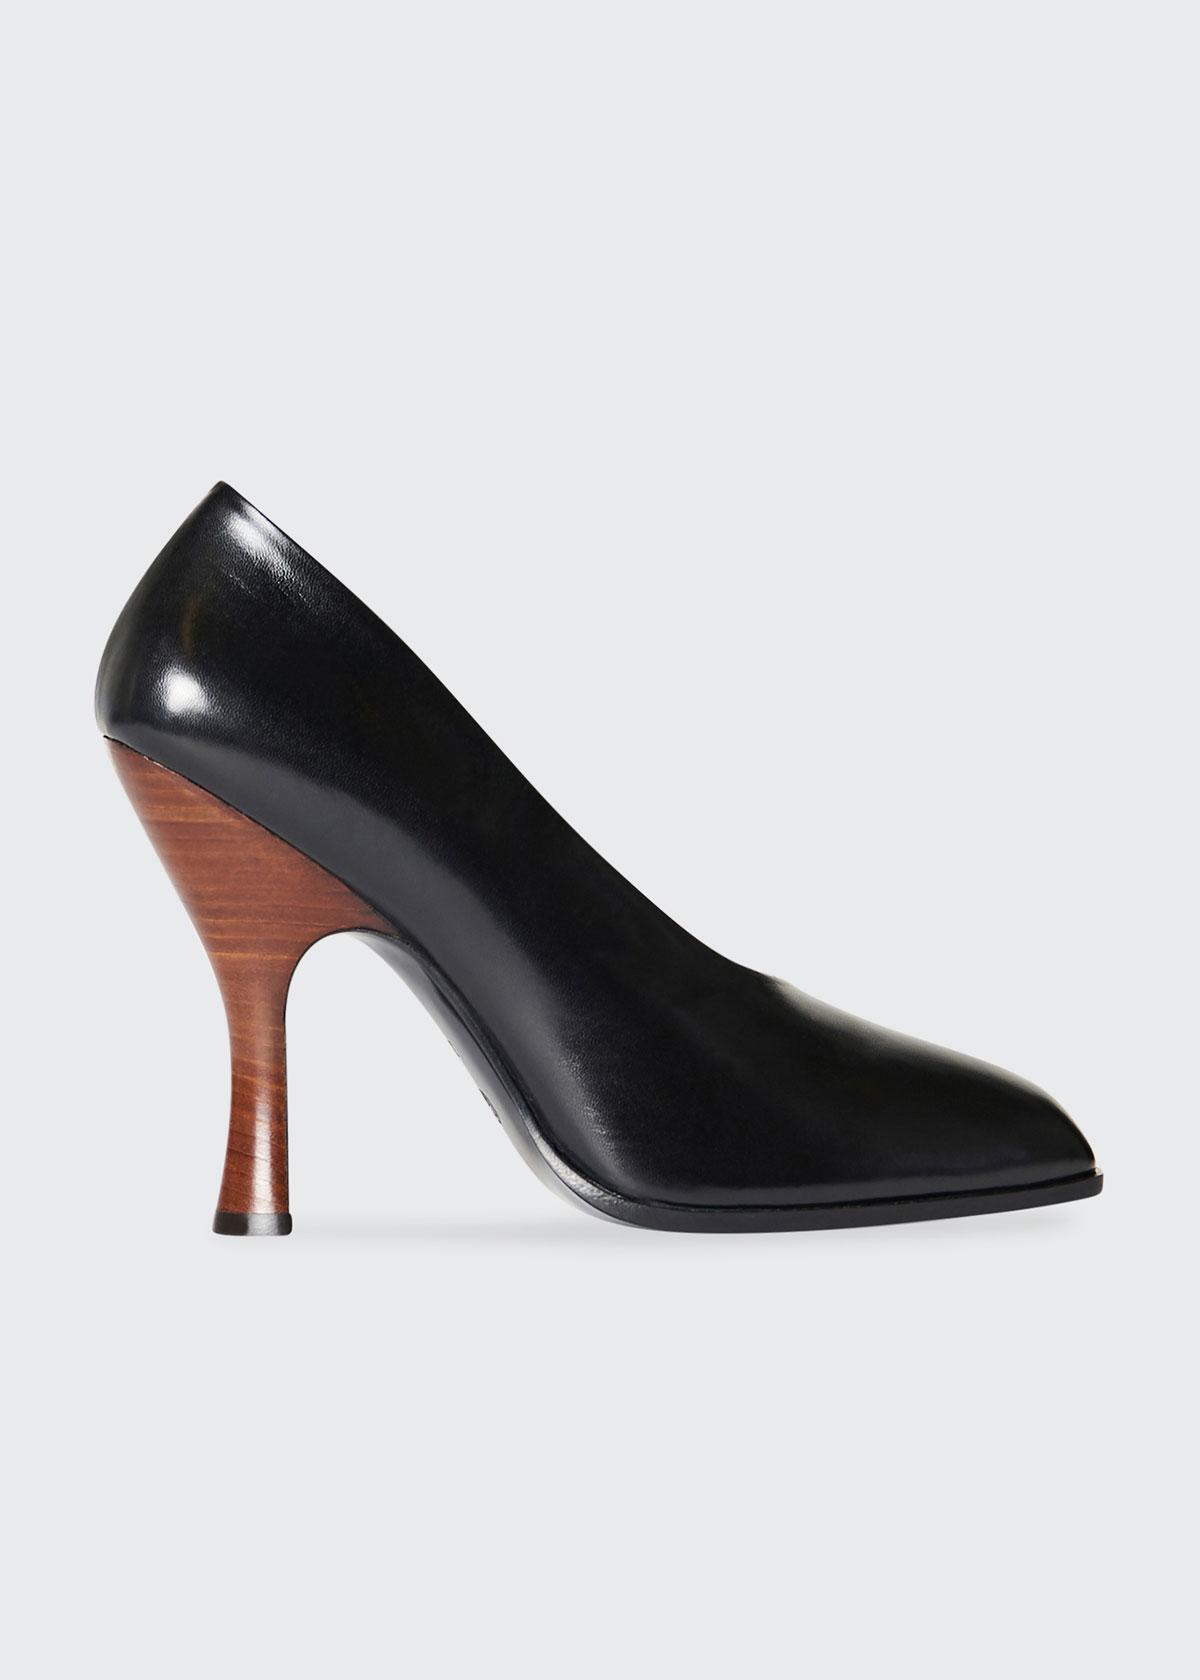 The Row Shoes JADE CALFSKIN CONTRAST-HEEL PUMPS